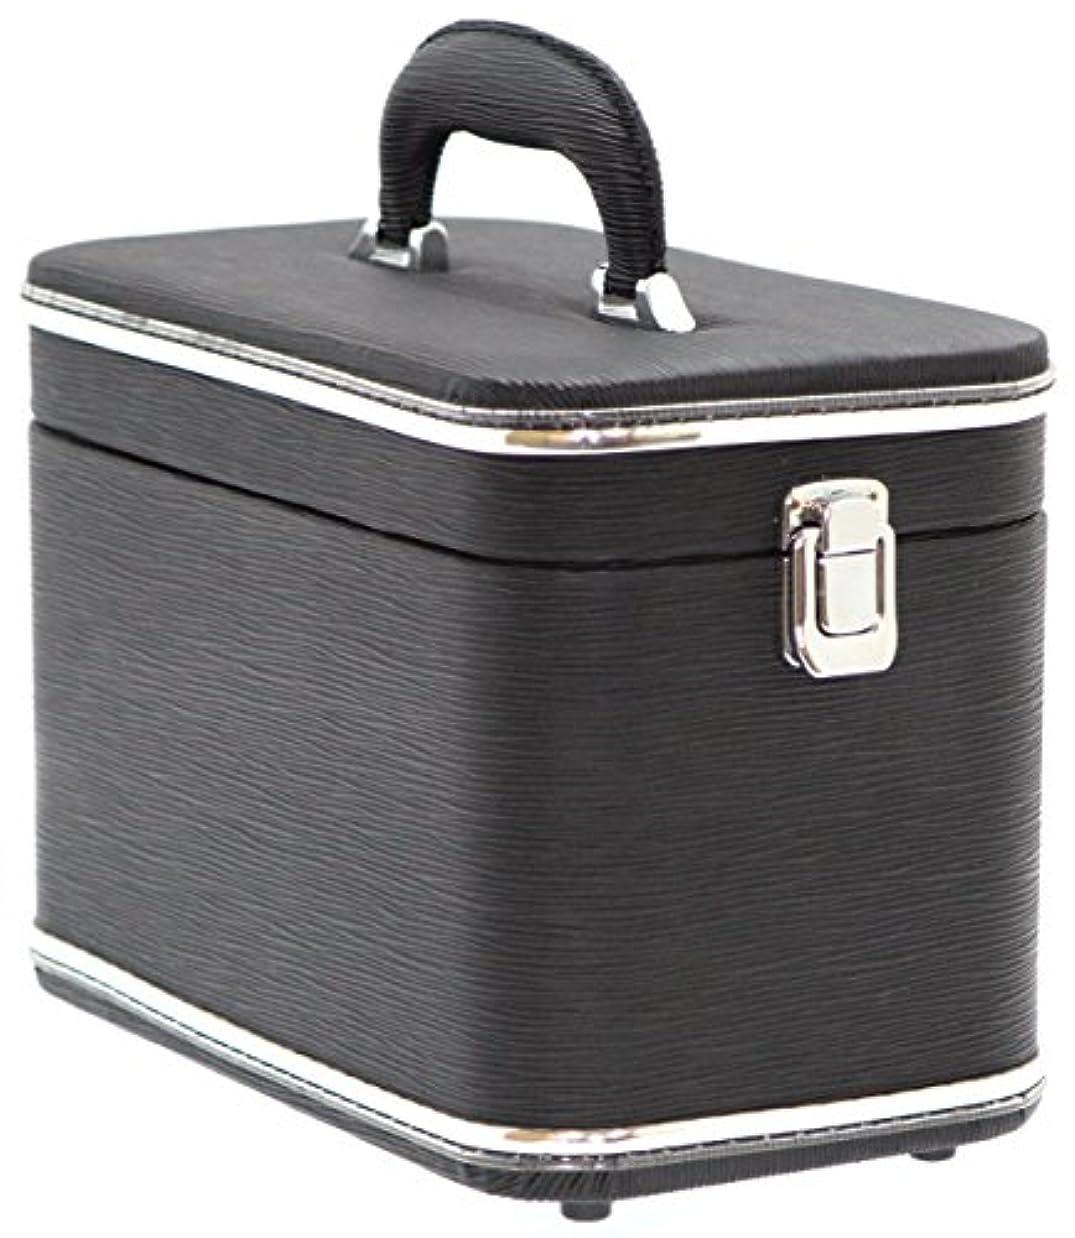 教室可能にする届けるエピ調水絞縦型トレンチケース ブラック 鍵無 6489-01